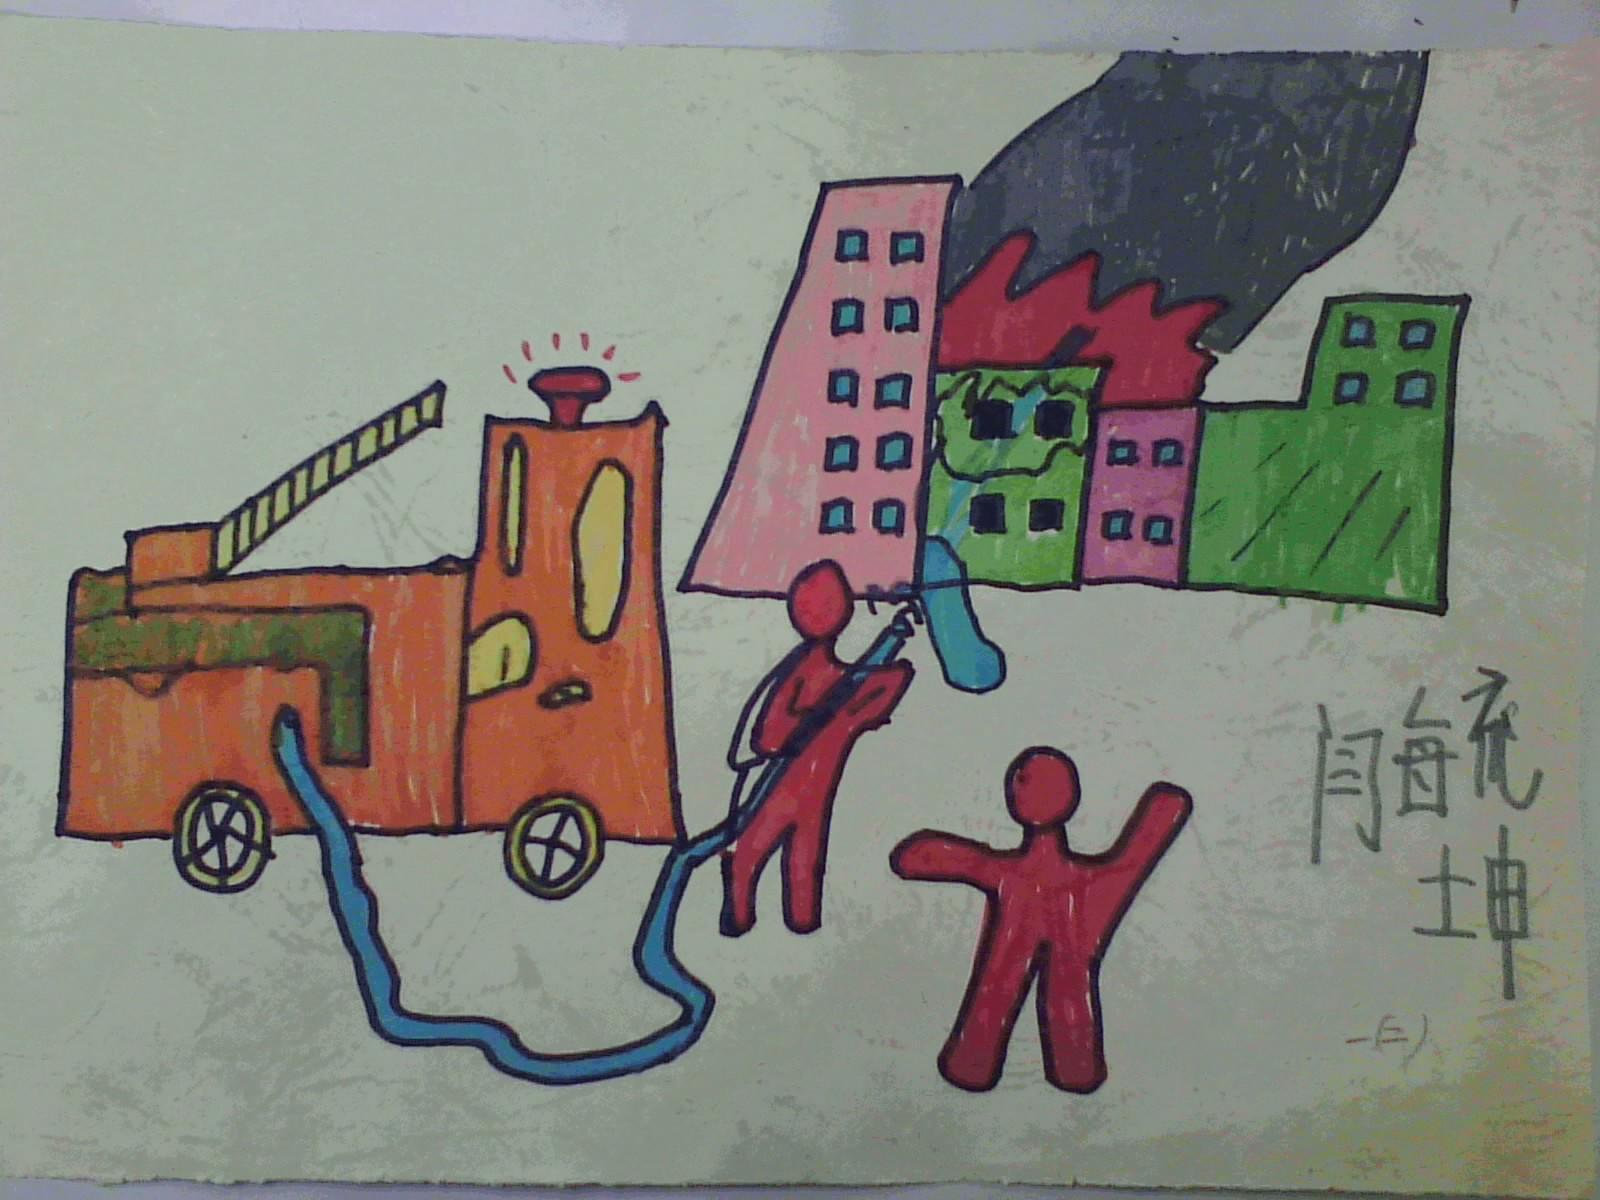 防火安全儿童画-法制安全儿童画_交通安全儿童画_儿童防火安全绘画图片